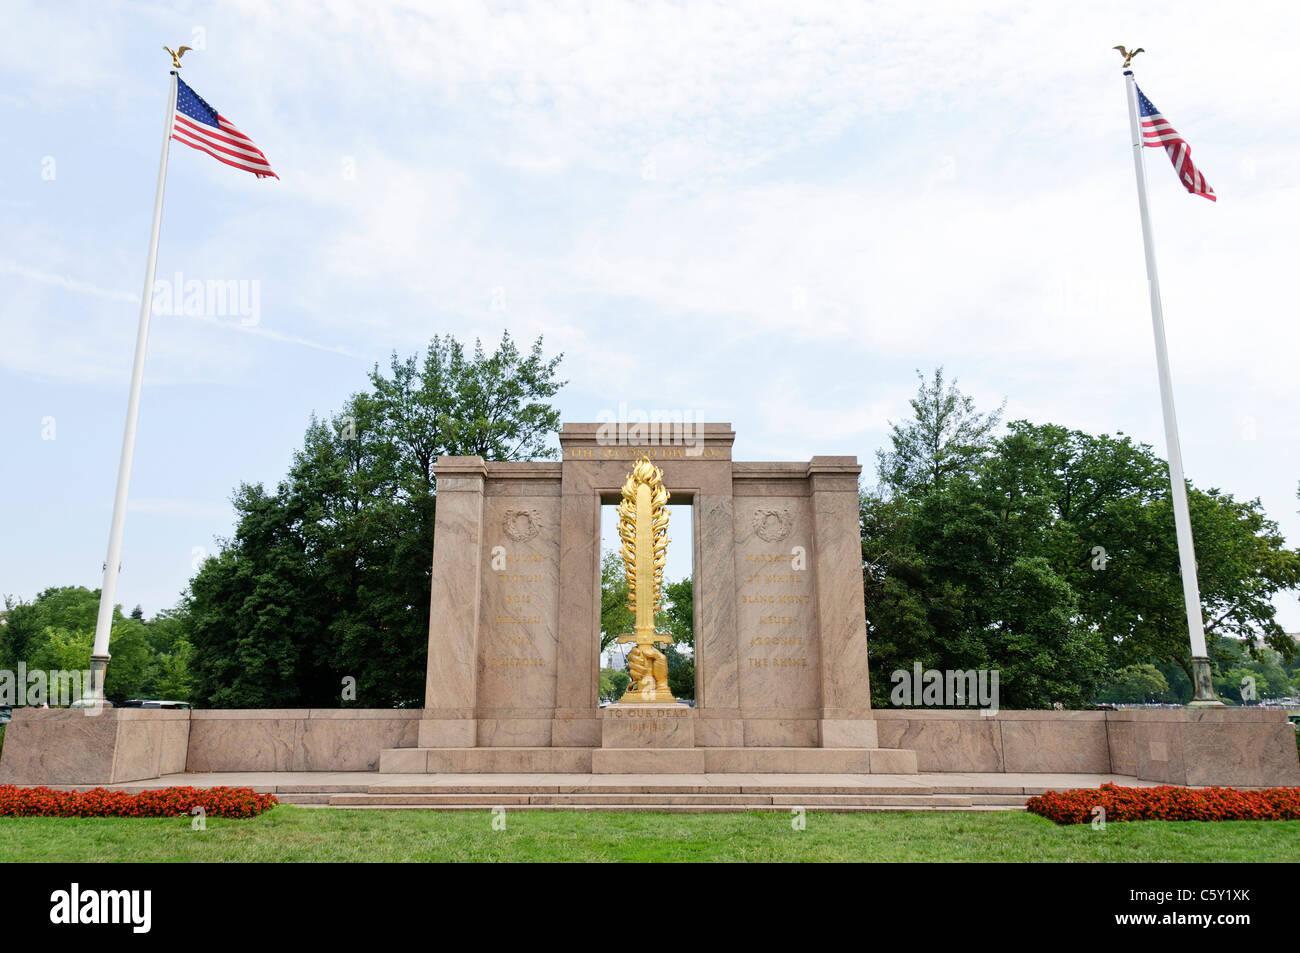 WASHINGTON DC, USA - La deuxième division Memorial dans le parc à côté de l'Ellipse et non Photo Stock